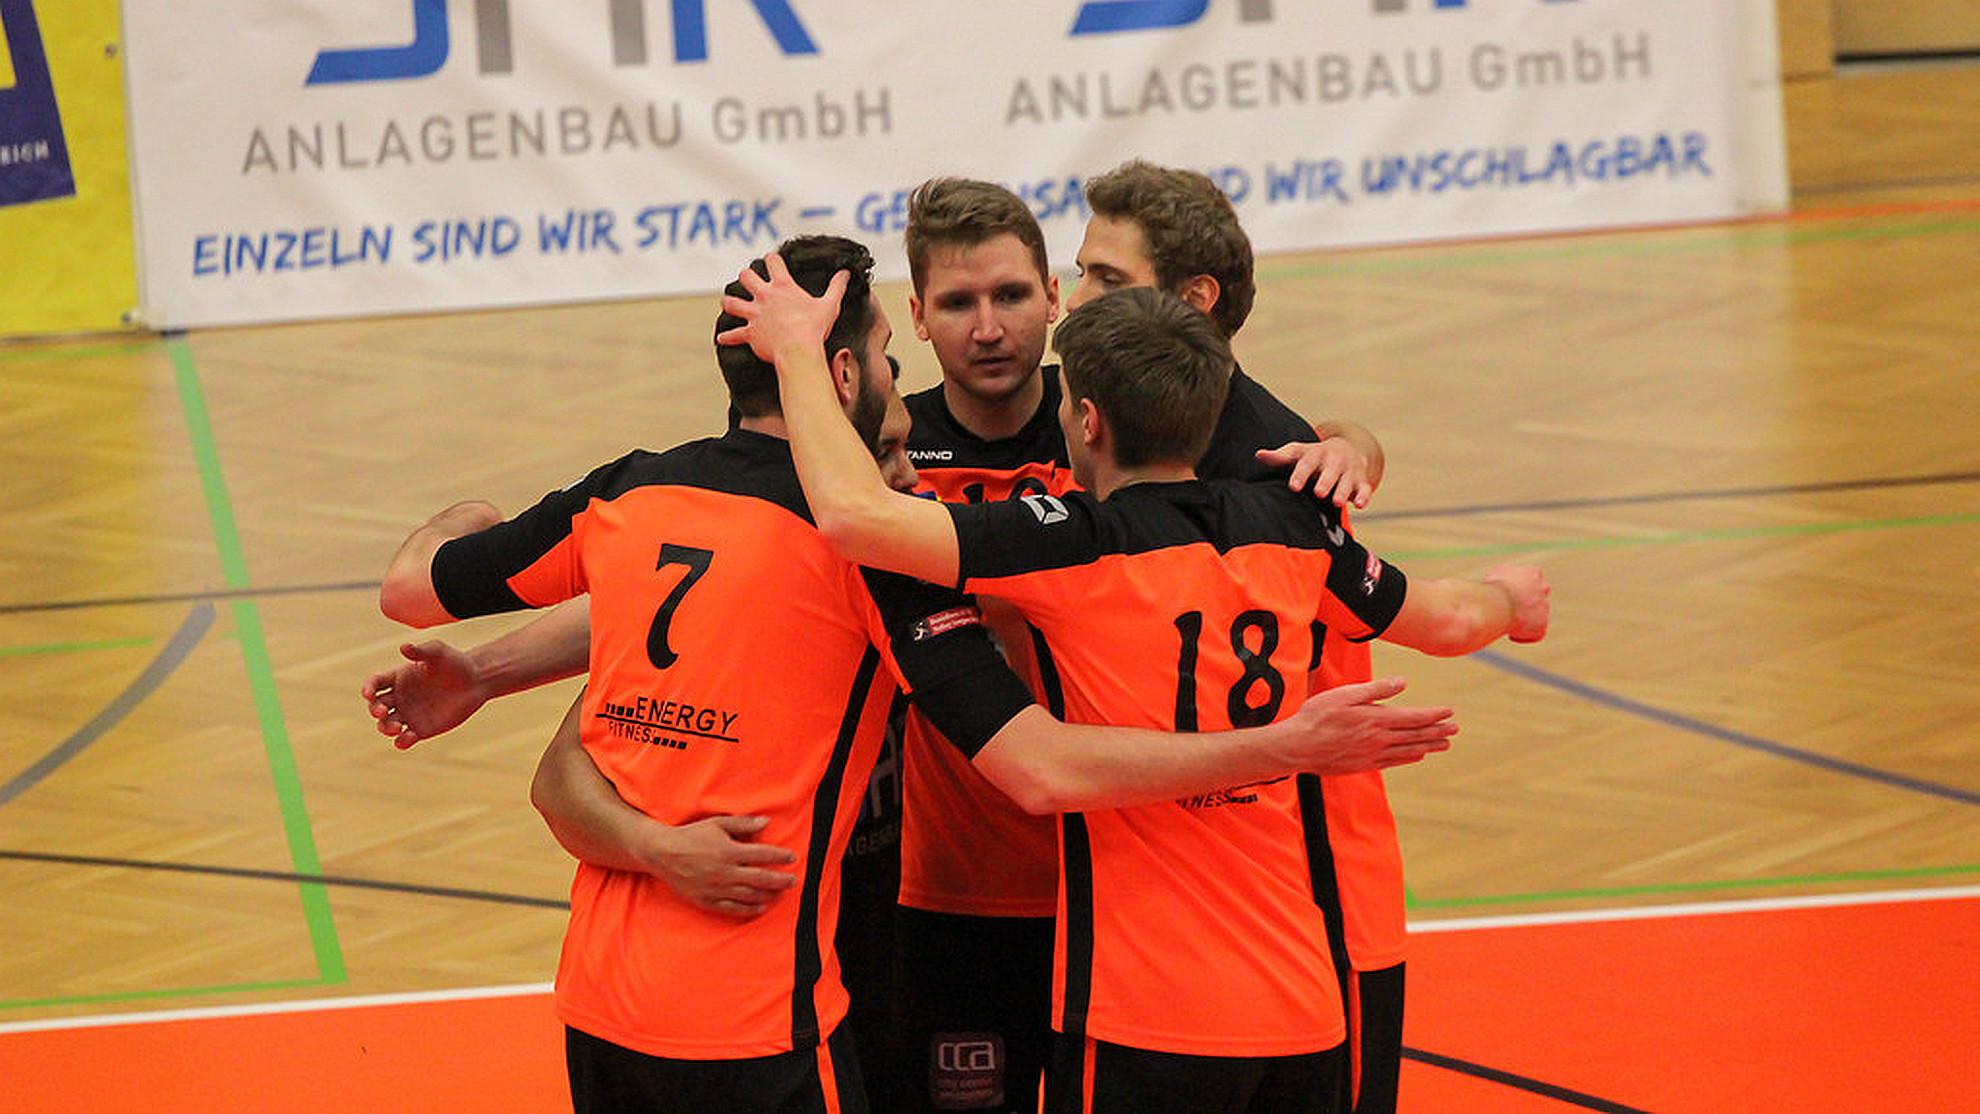 FOTO © VCA Amstetten NÖ/Peter Maurer